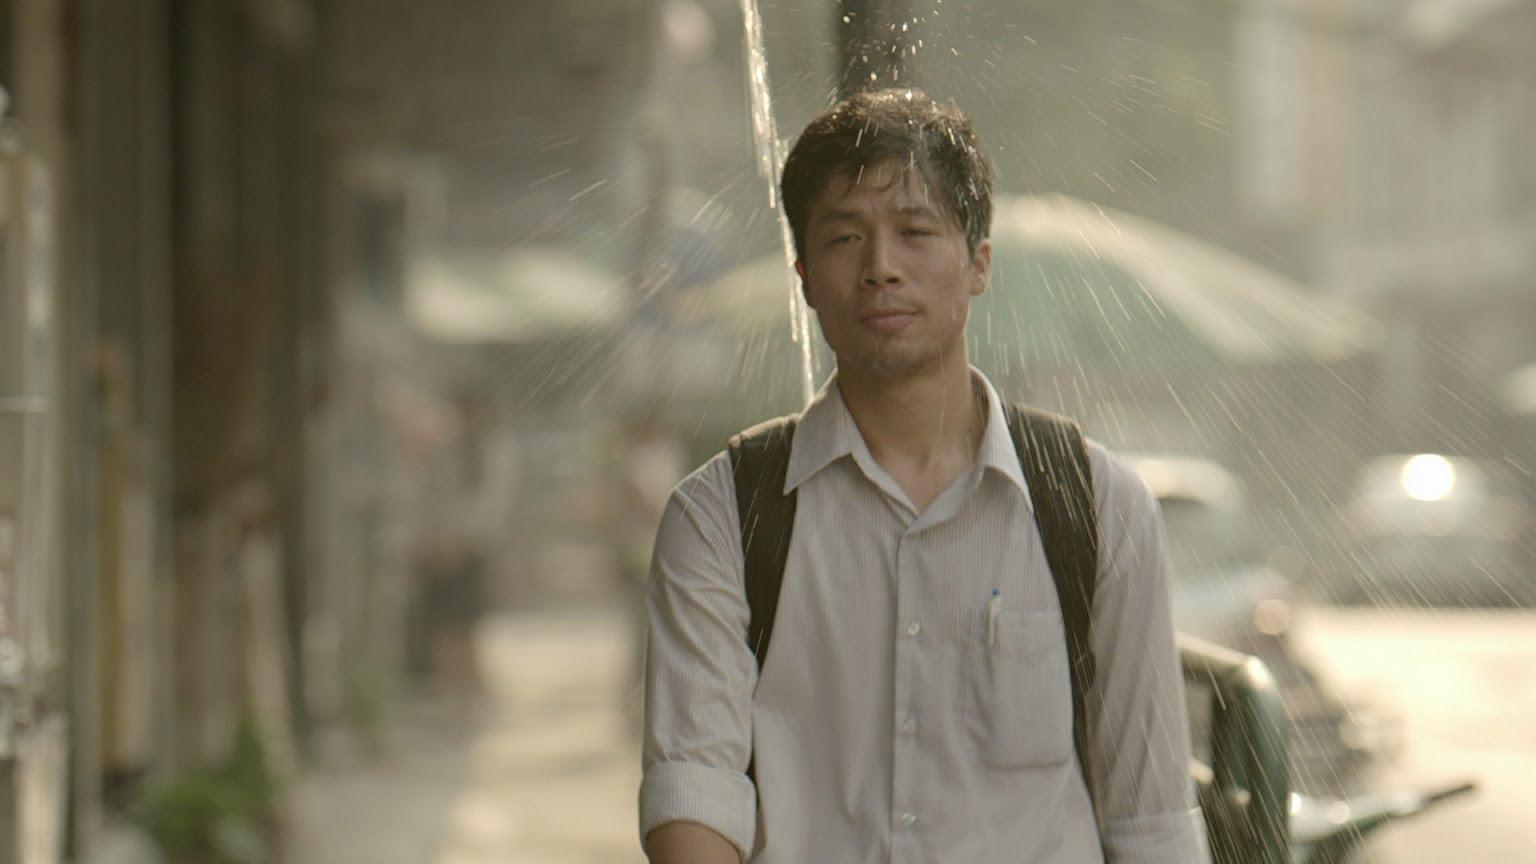 Hartverwarmende video: Dit krijg je als je eenvoudige goede dingen doet